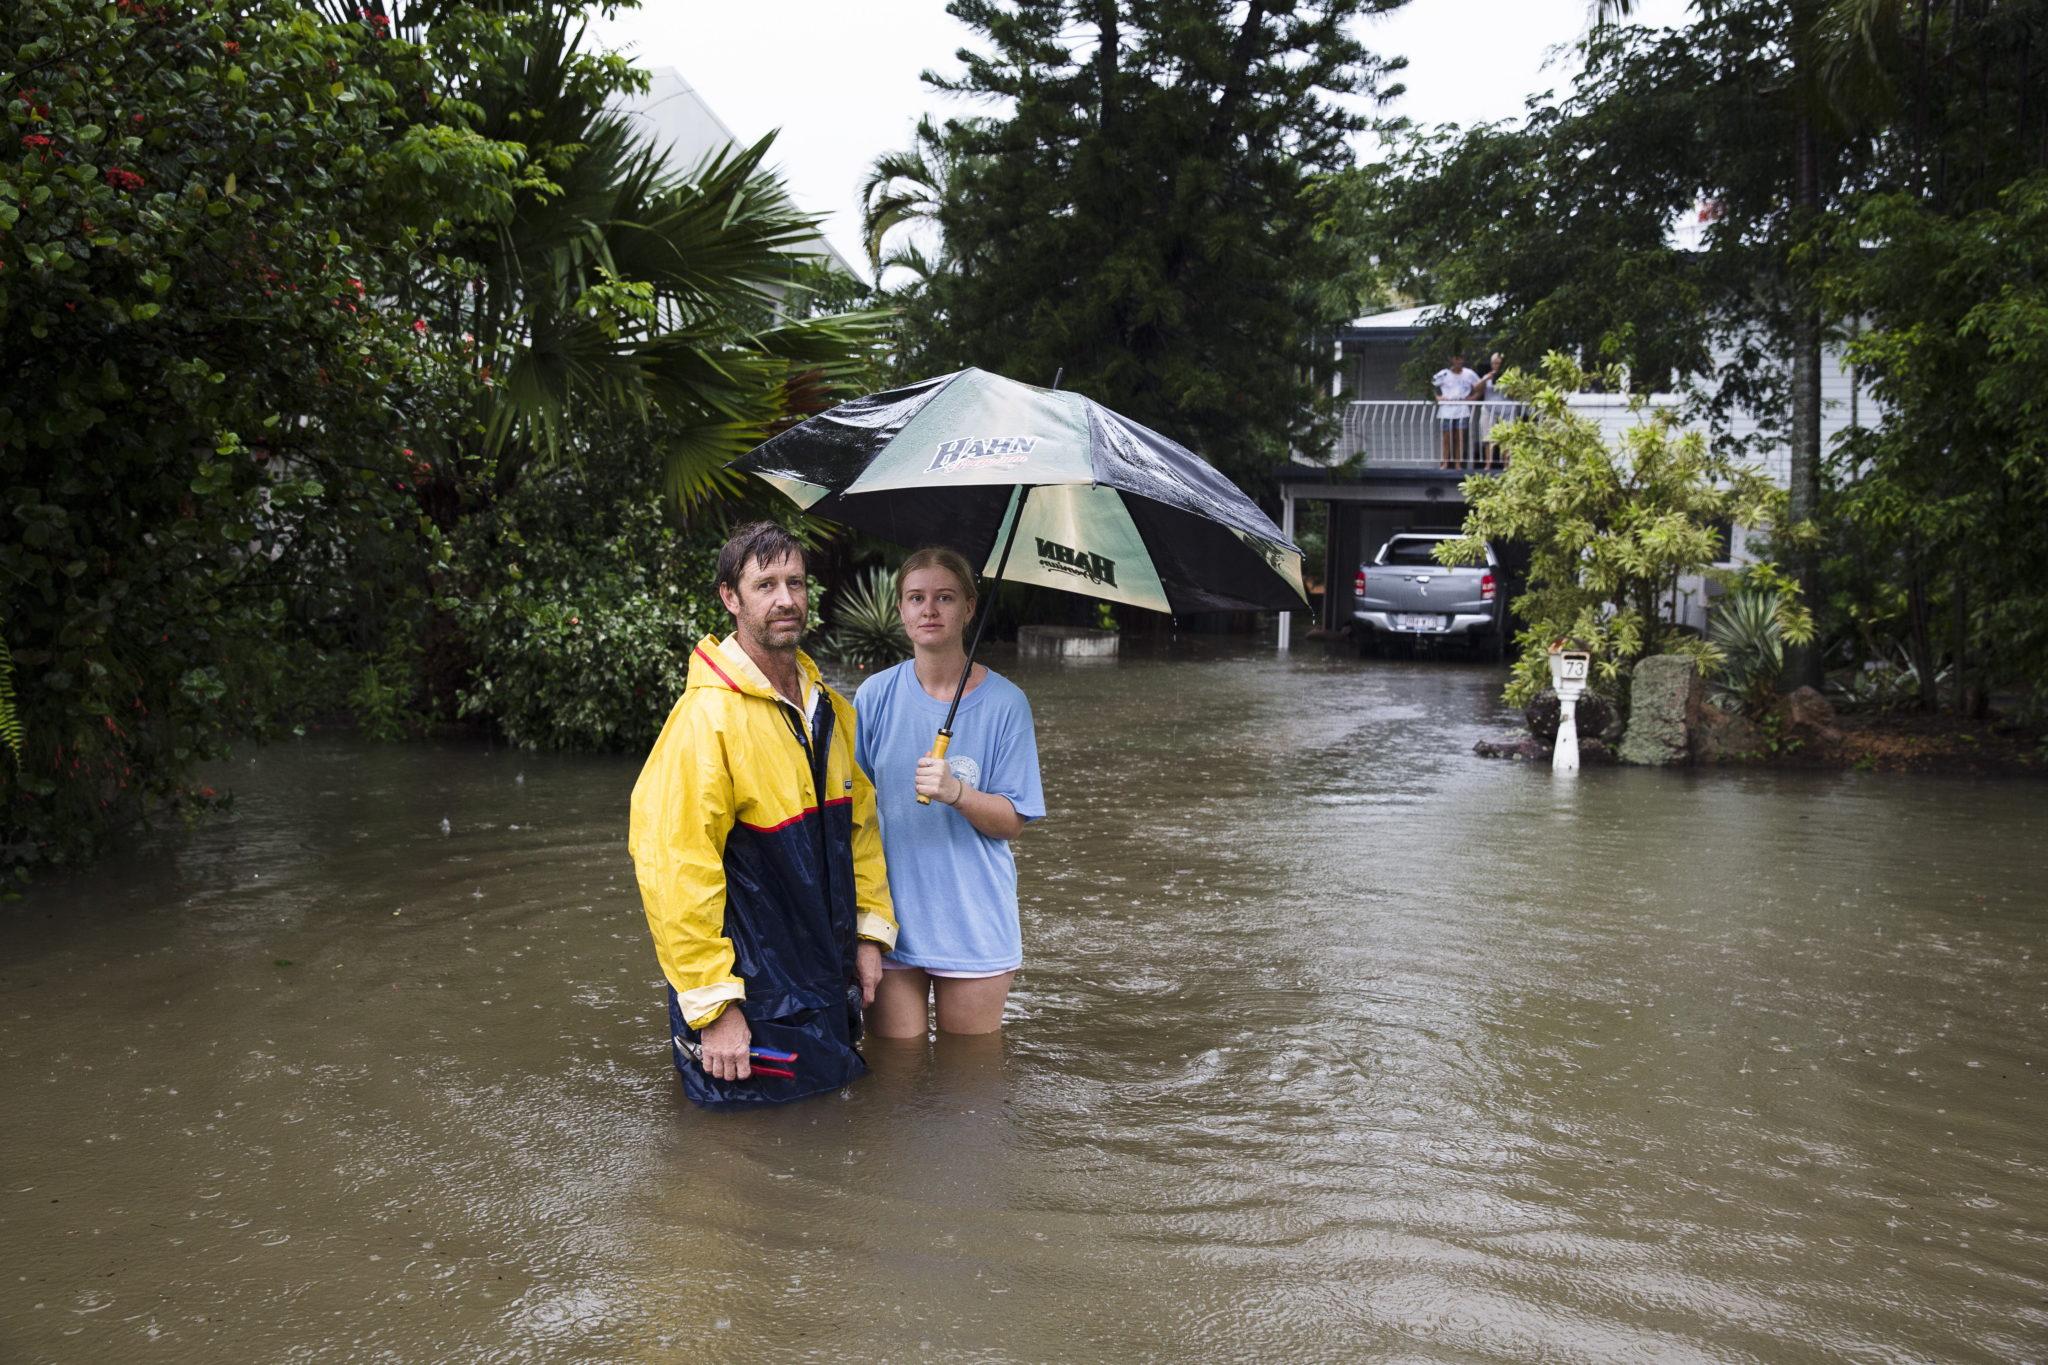 Powodzie, rekordy gorąca, pożary. W Australii pogoda, którą kształtuje wyż znad Morza Tasmańskiego, jest niebezpieczna i powoduje zniszczenia, fot. PAP/EPA